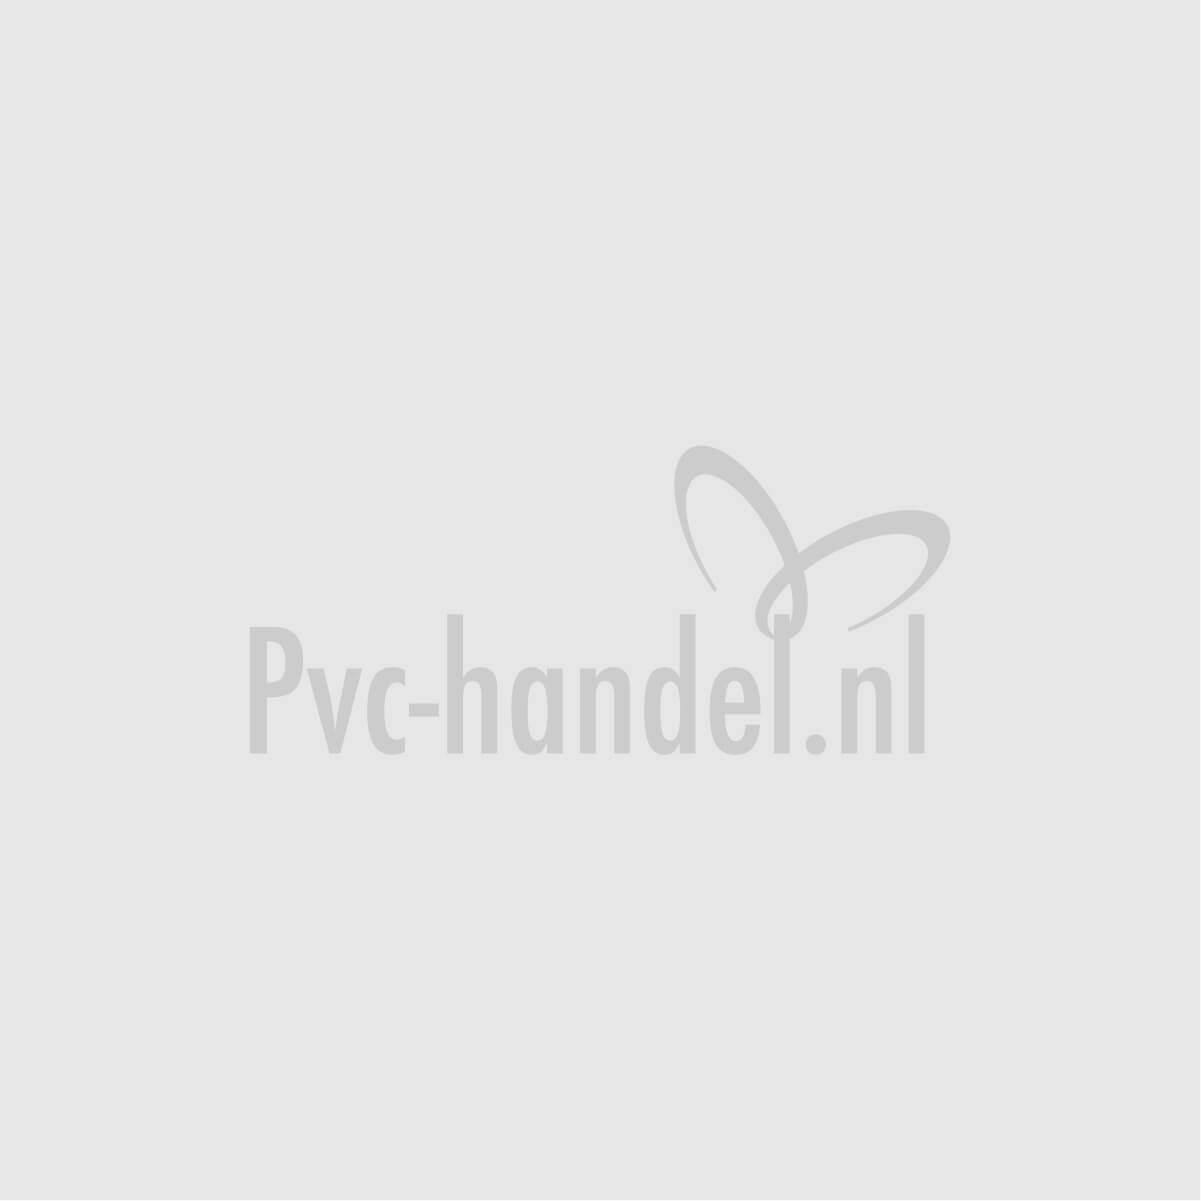 Griffon glijmiddel blue gel geschikt voor drinkwater